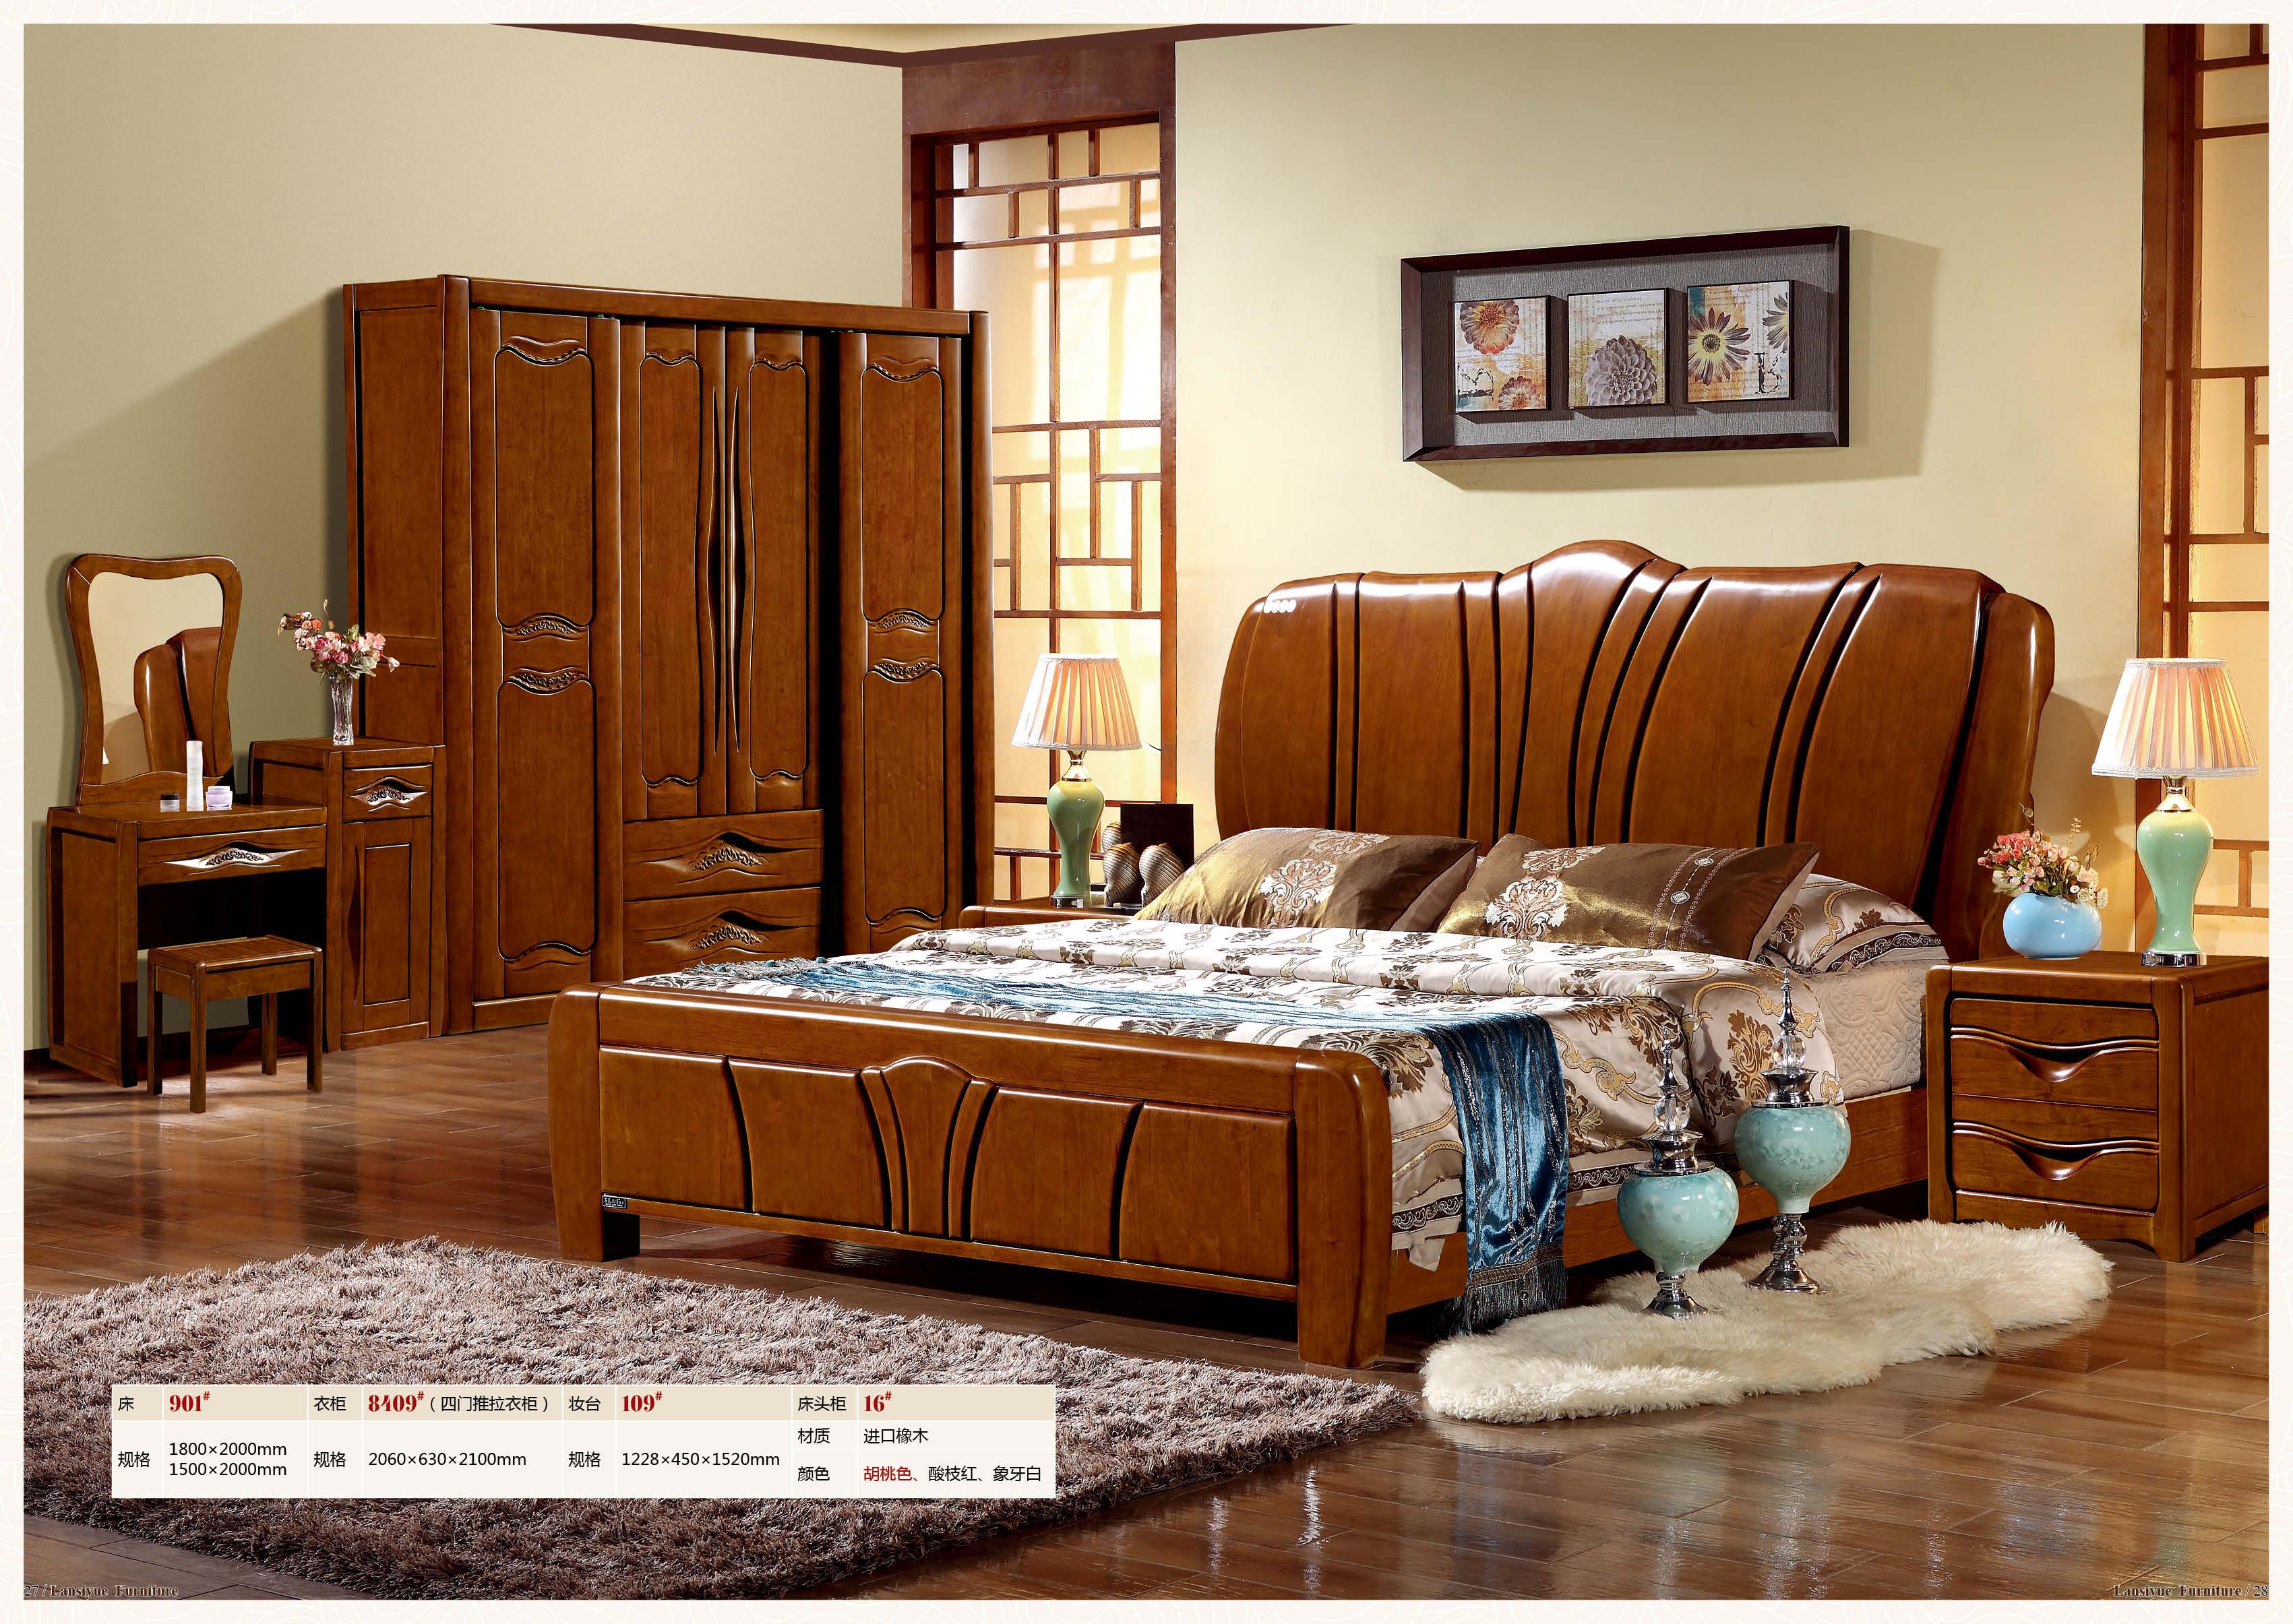 赣州供应中式实木床1.8米橡木现代简约美式双人床新中式主卧婚床卧室家具新中式橡木家具床